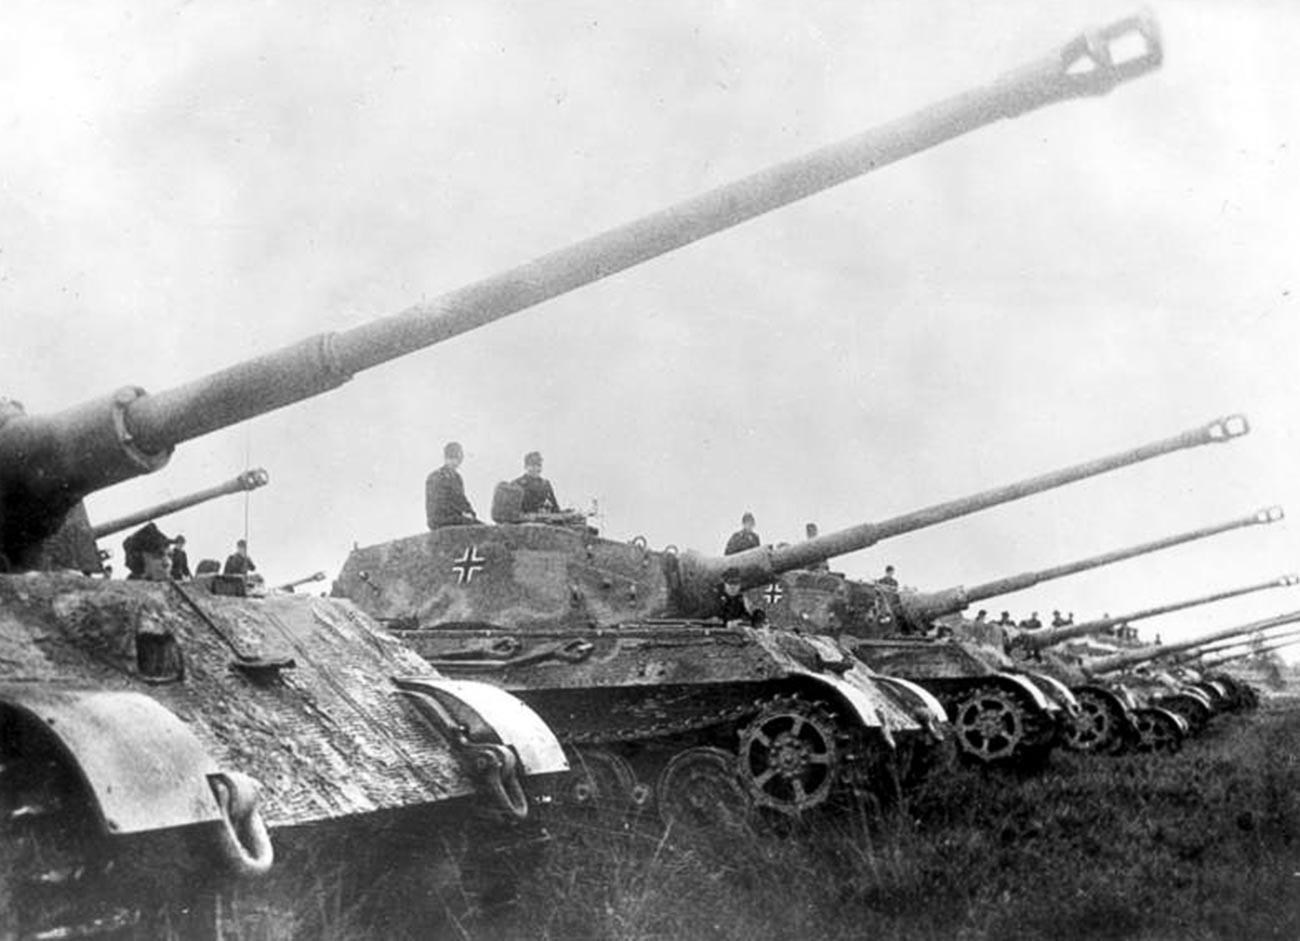 Германските тешки тенкови Панцер 6 Тигар беа масовно користени во борбите и напуштани при повлекувањето.